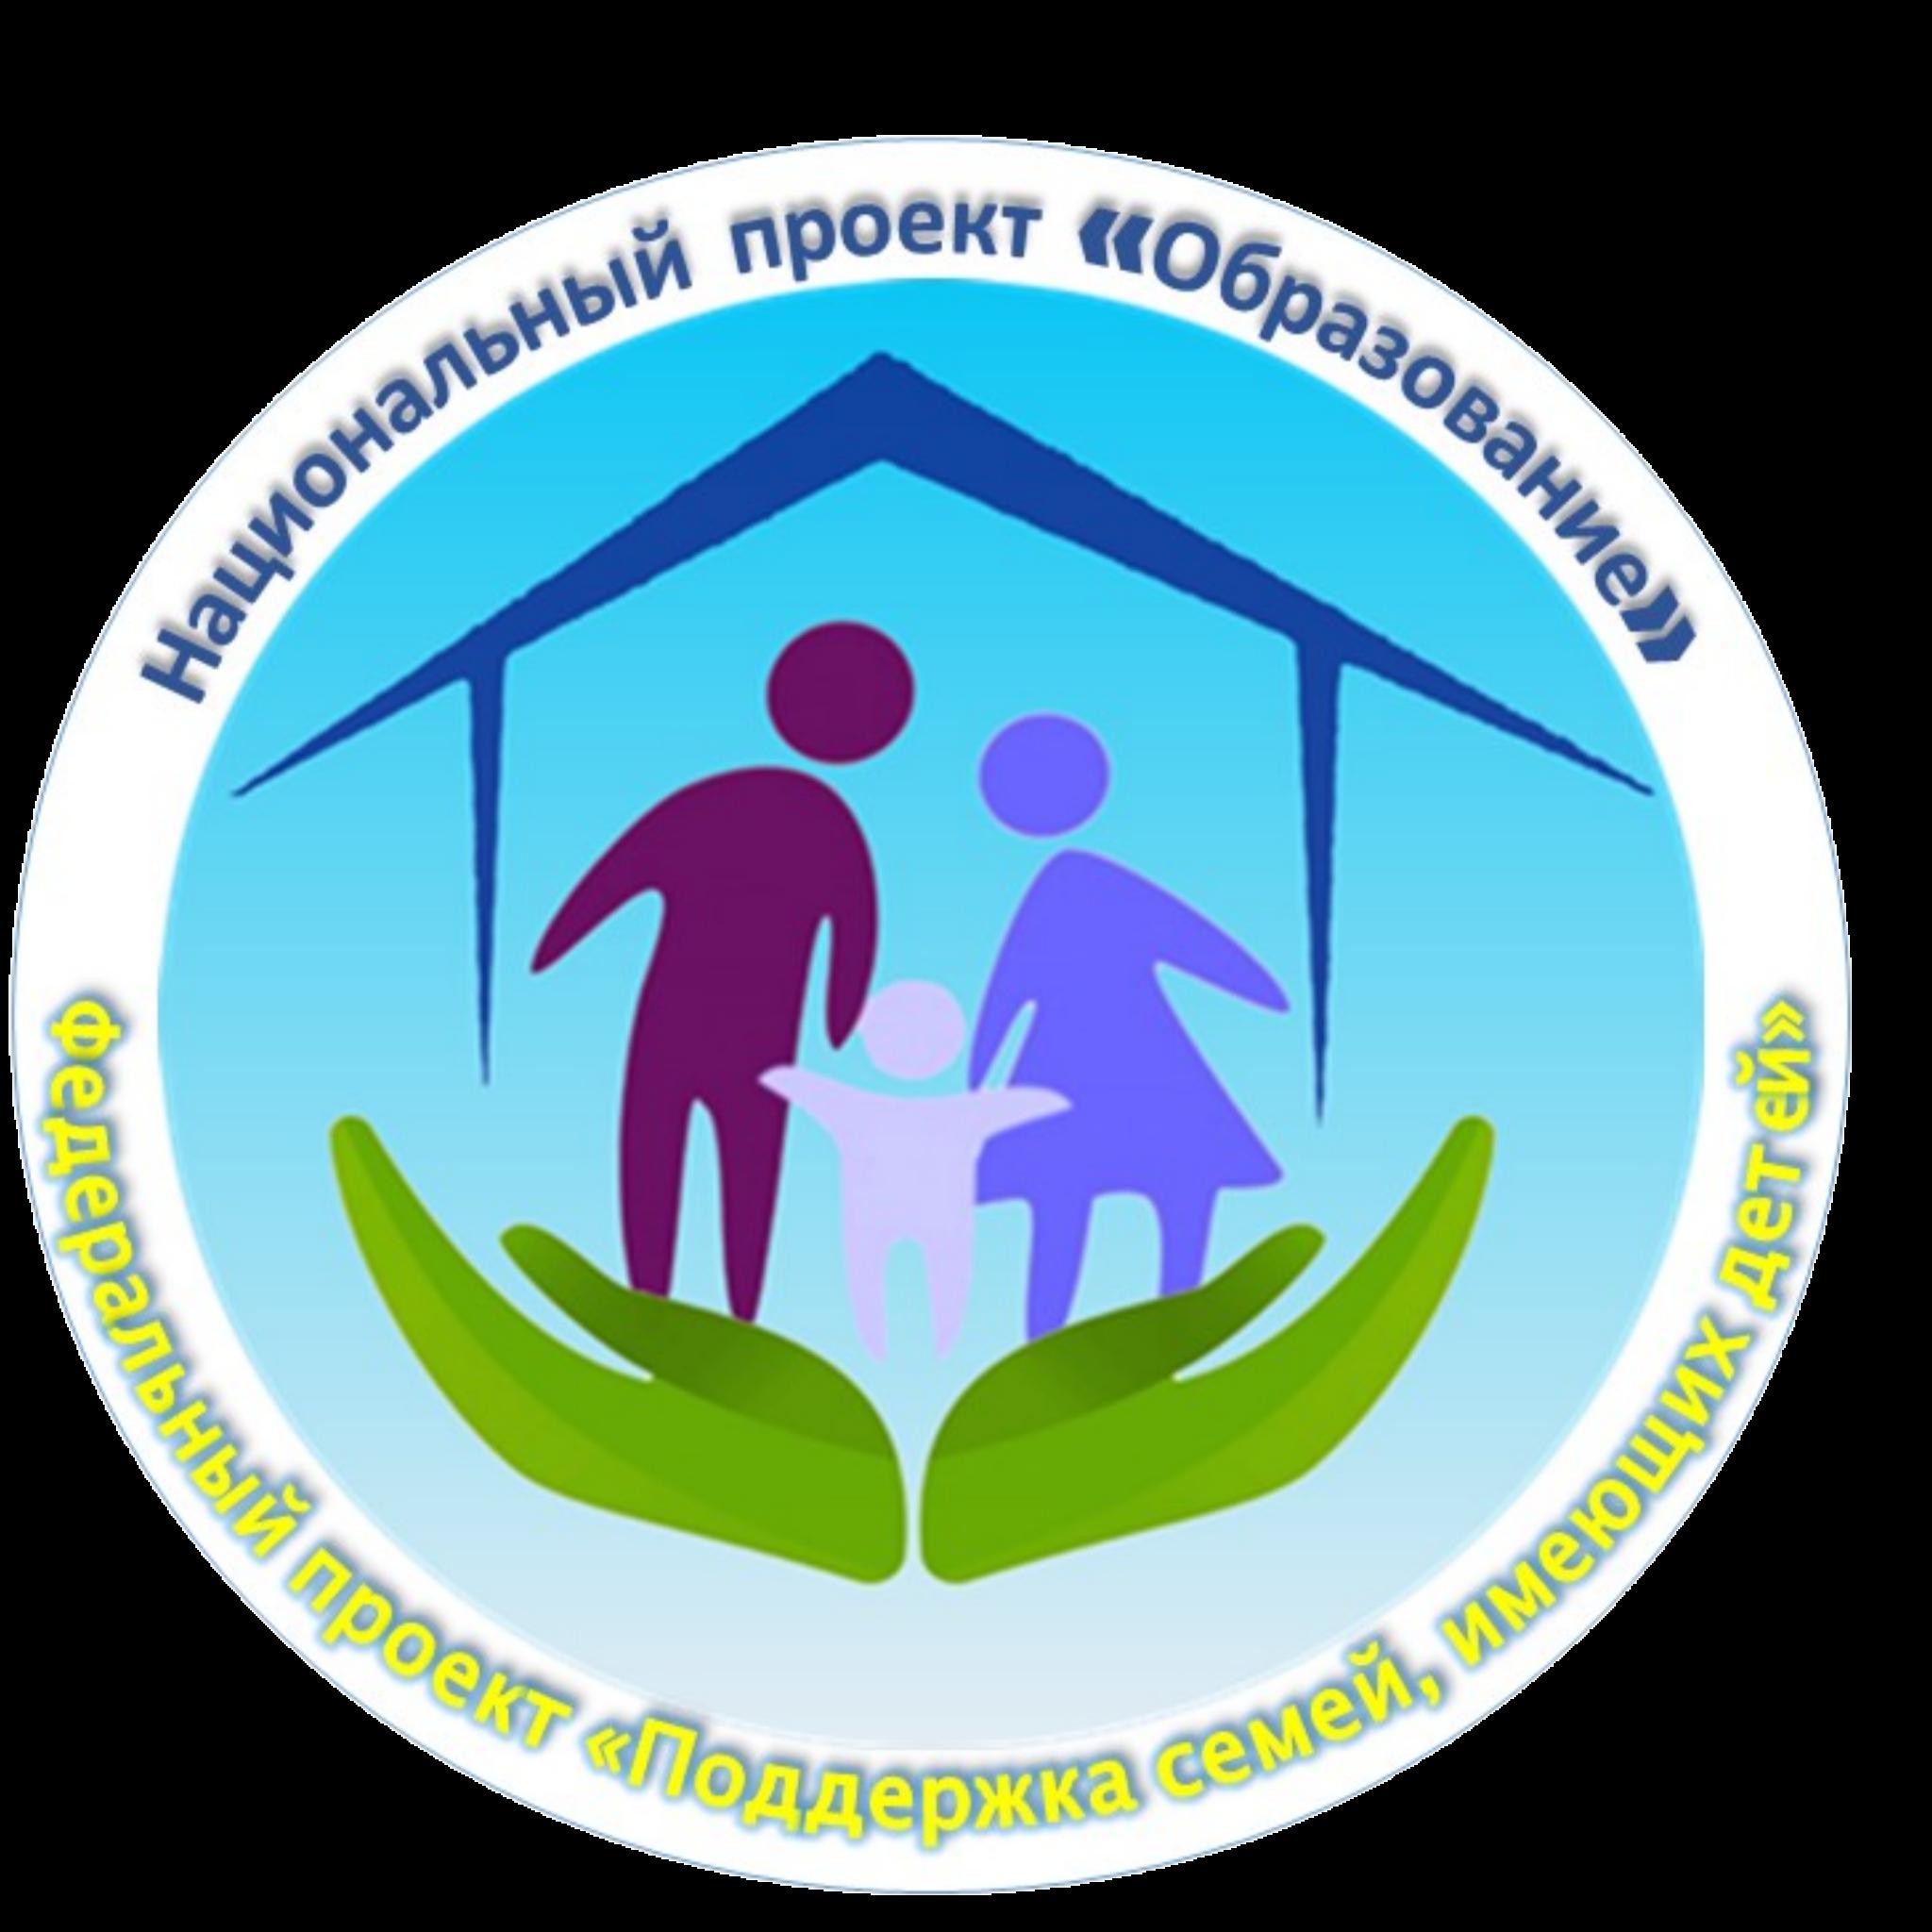 Мониторинг удовлетворенности граждан услугами психолого-педагогической консультативной помощи